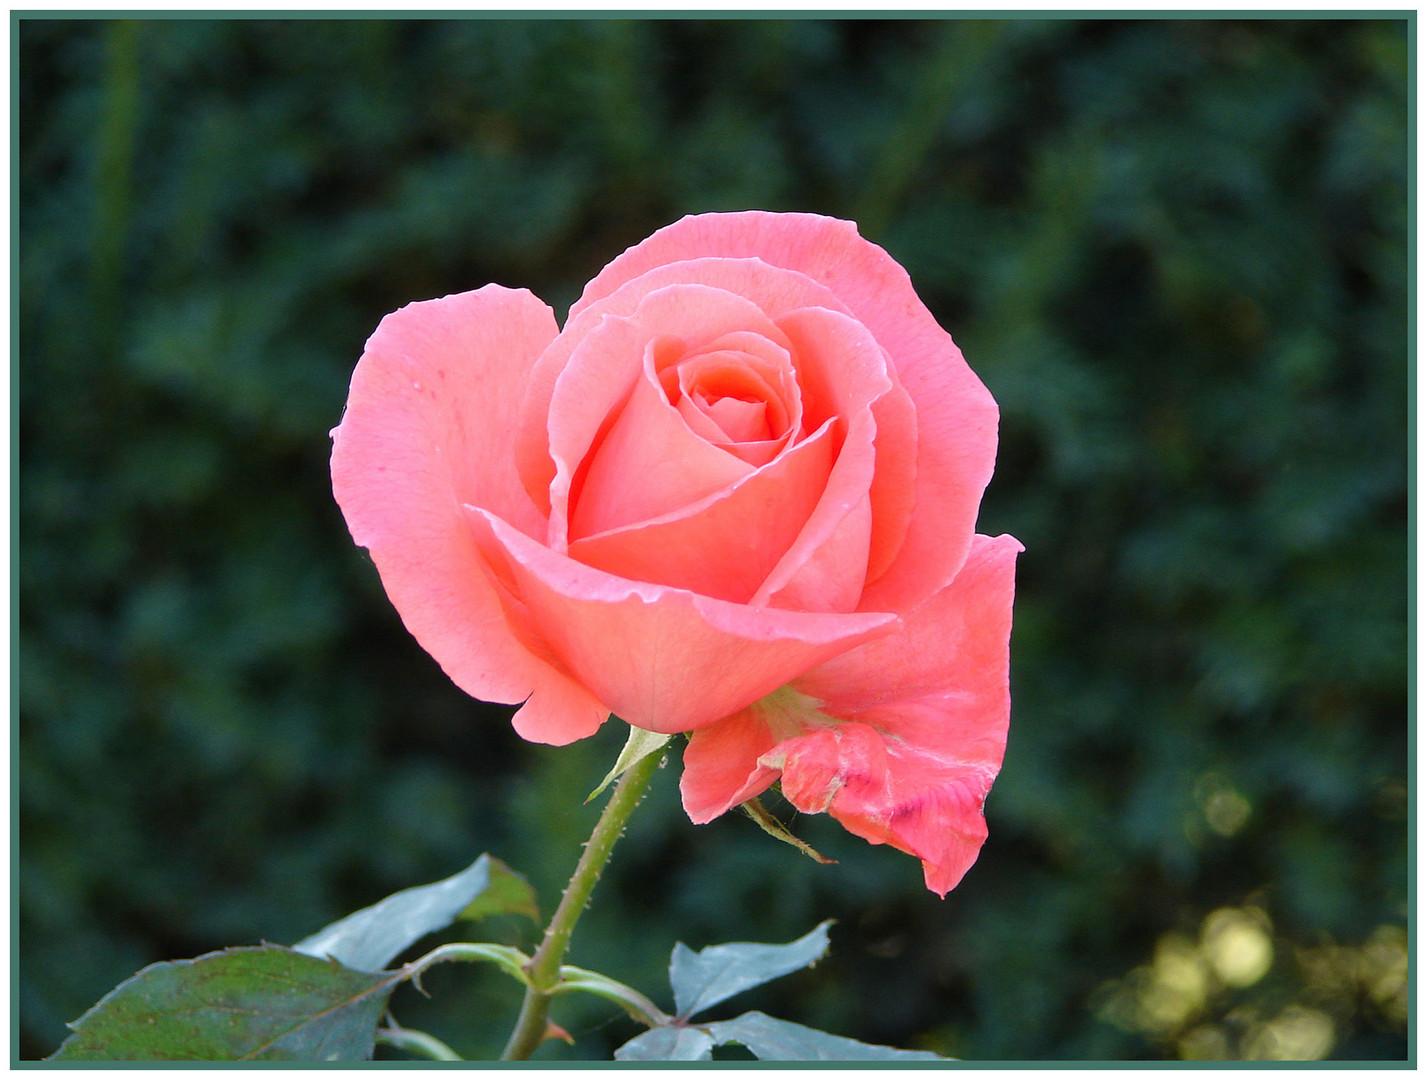 reload - meine ansicht eine rose zu präsentieren